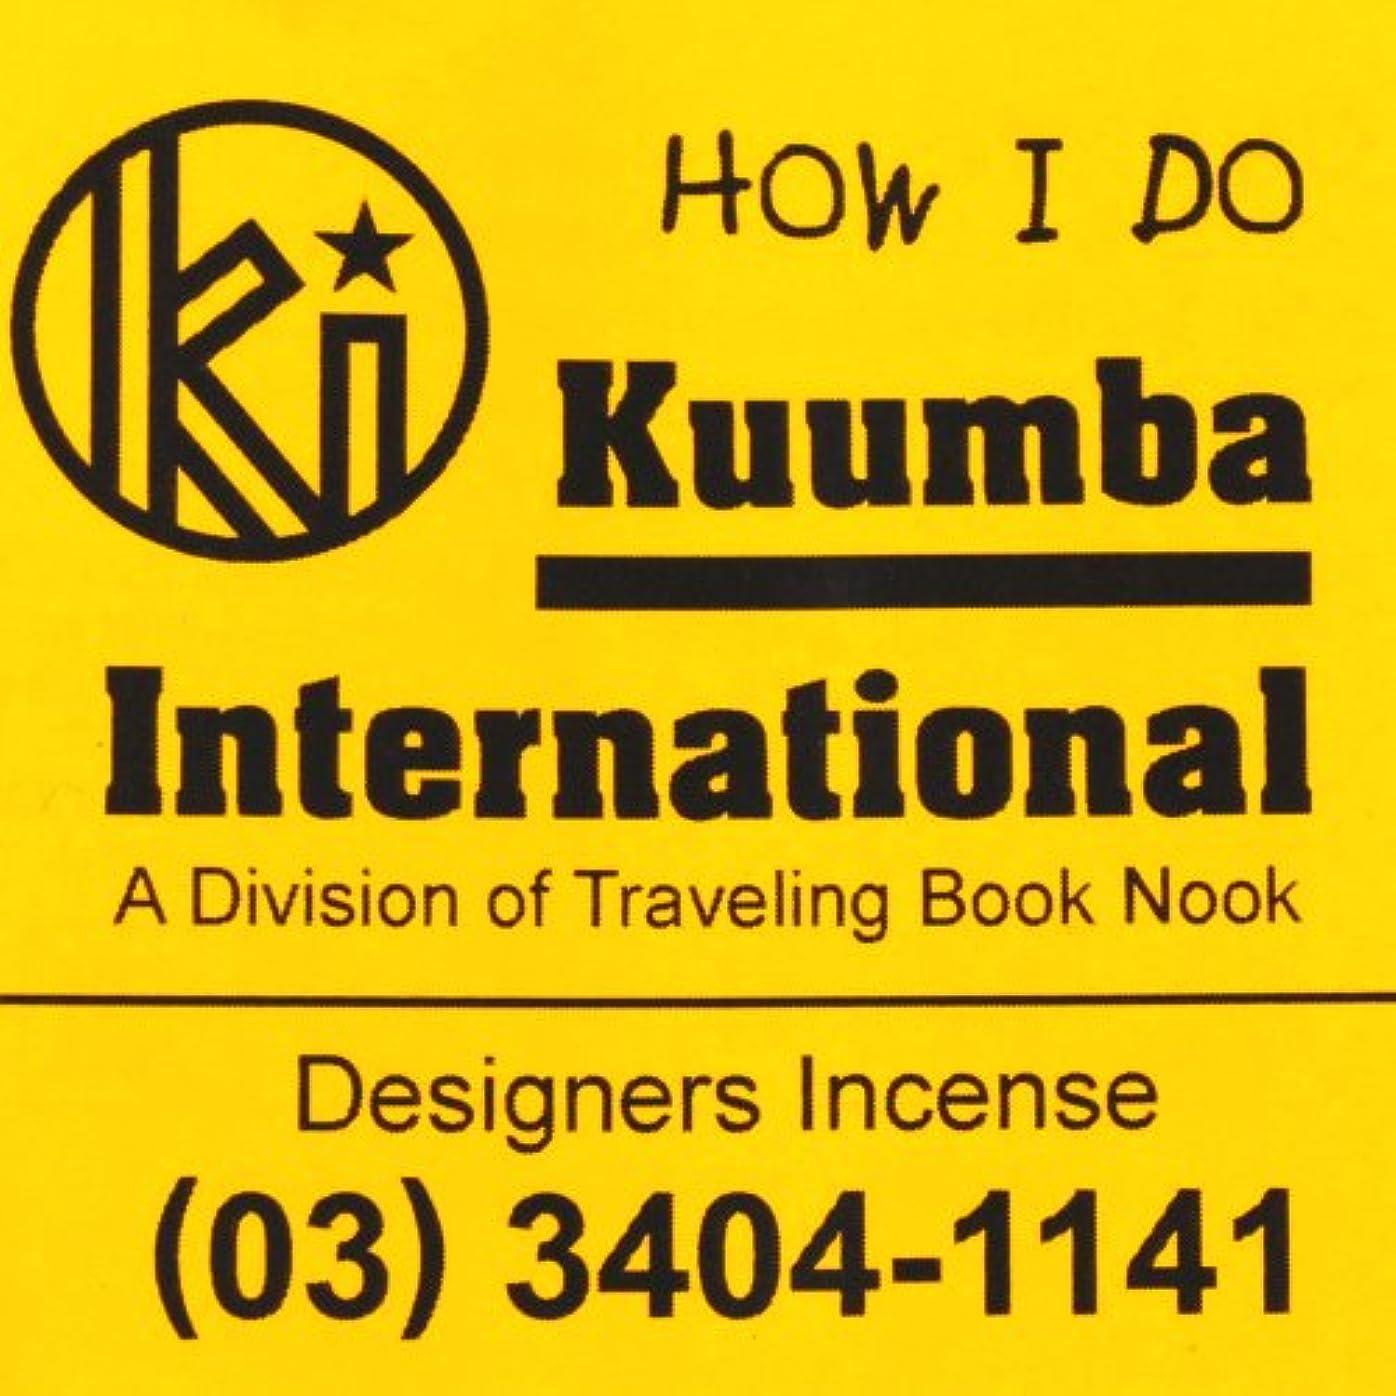 いろいろいくつかの暴露する(クンバ) KUUMBA『classic regular incense』(HOW I DO) (Regular size)